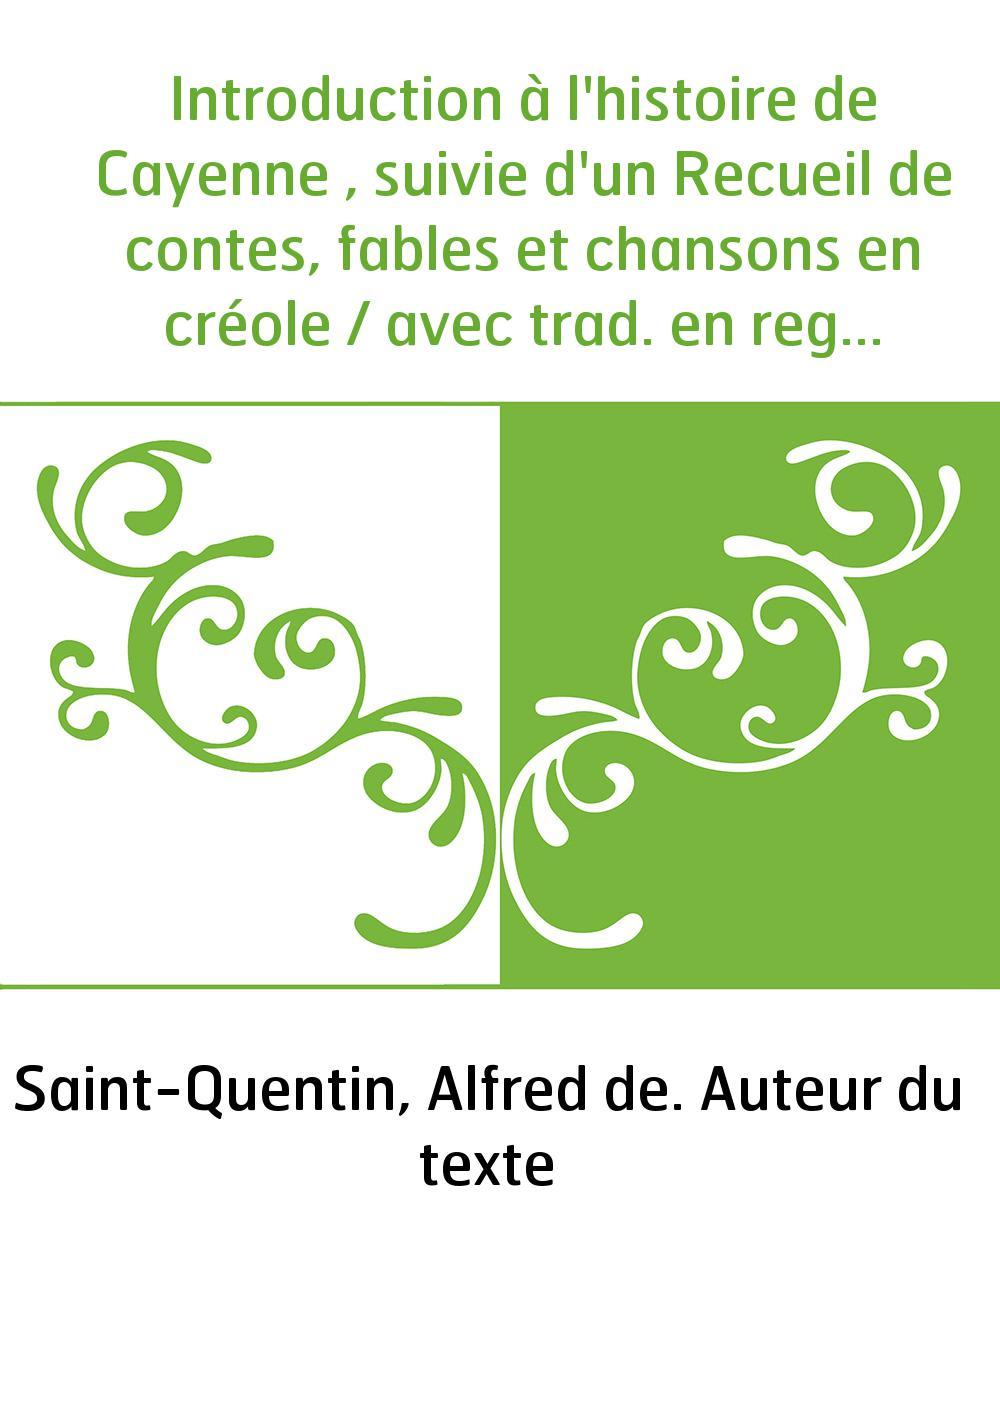 Introduction à l'histoire de Cayenne , suivie d'un Recueil de contes, fables et chansons en créole / avec trad. en regard, notes